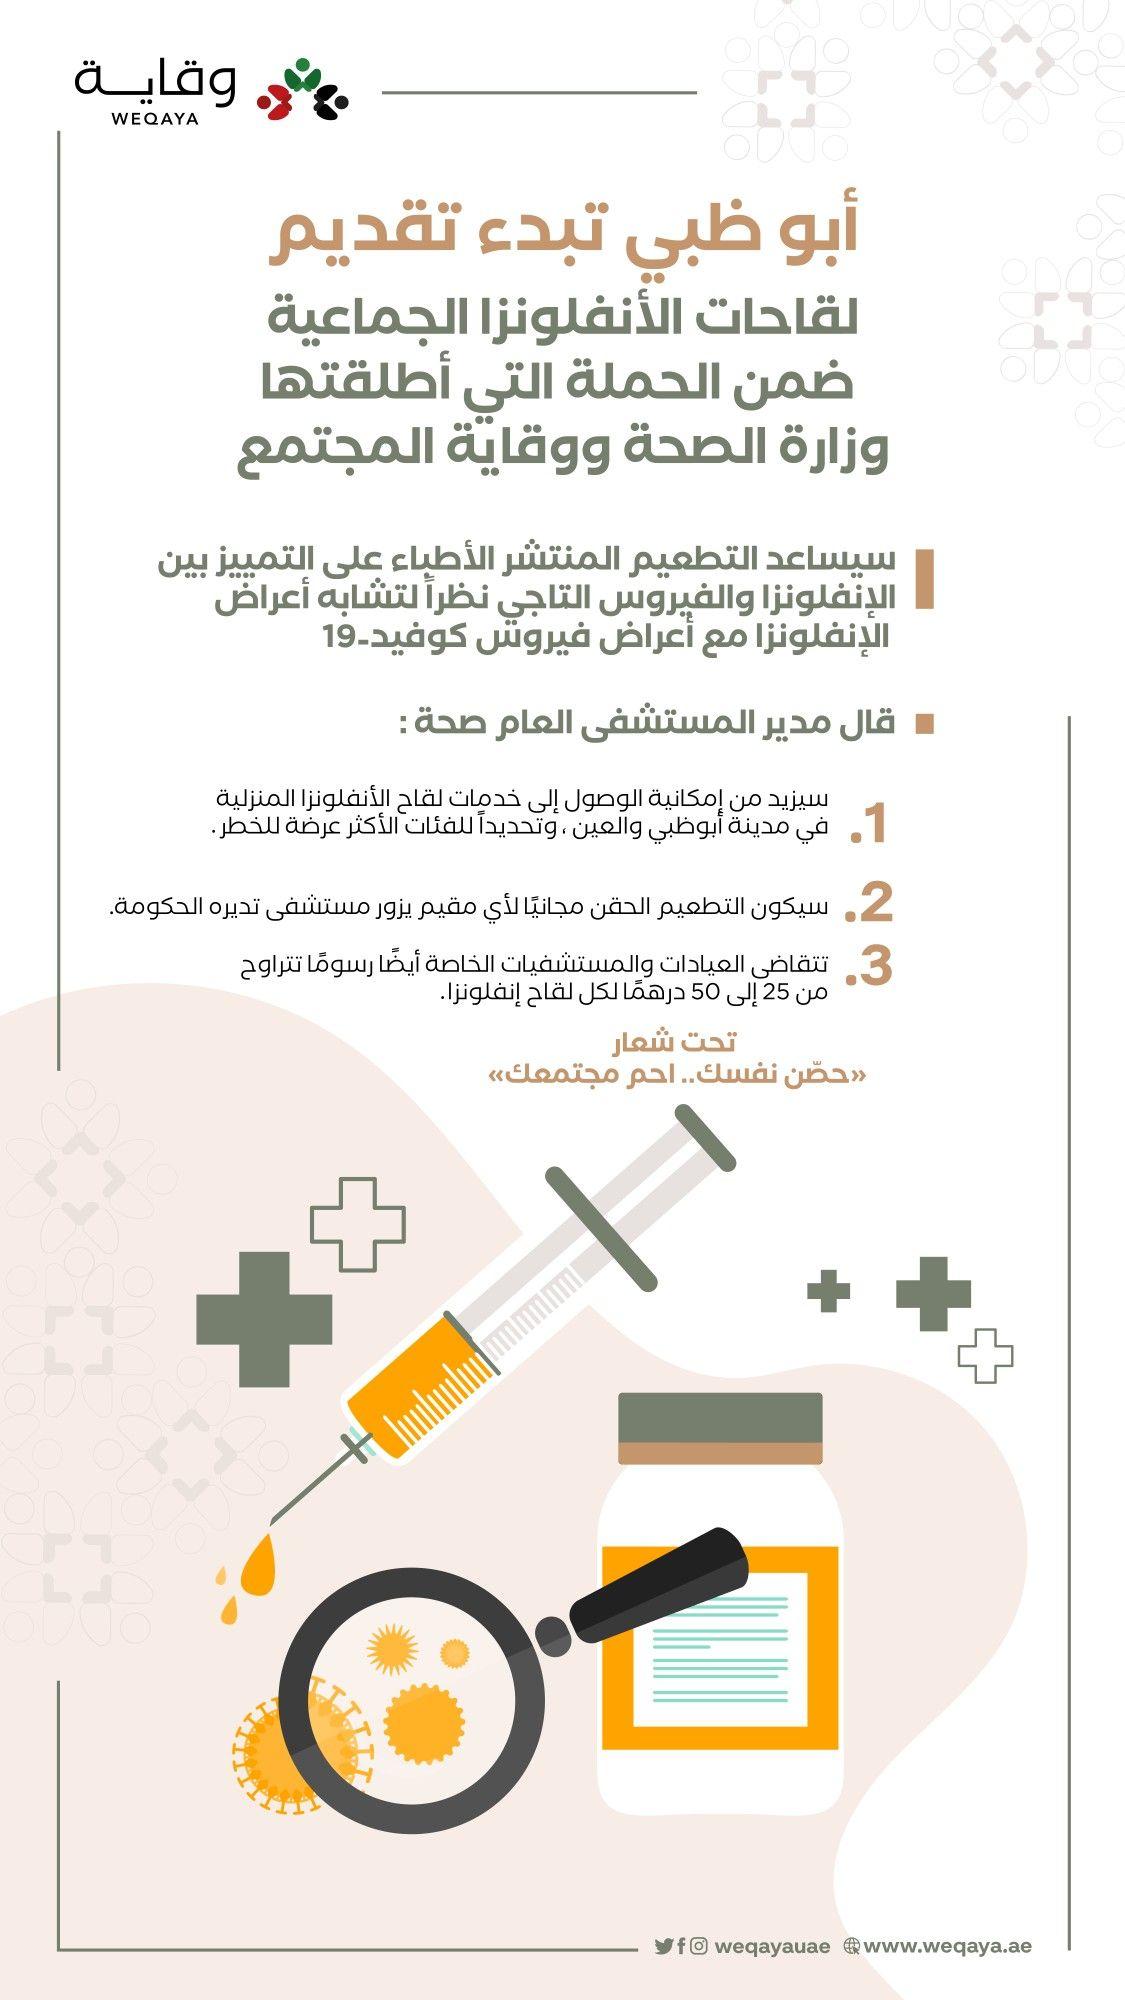 صحة تبدأ تقديم تطعيم الإنفلونزا الموسمية في إمارة أبوظبي Alii Shopping